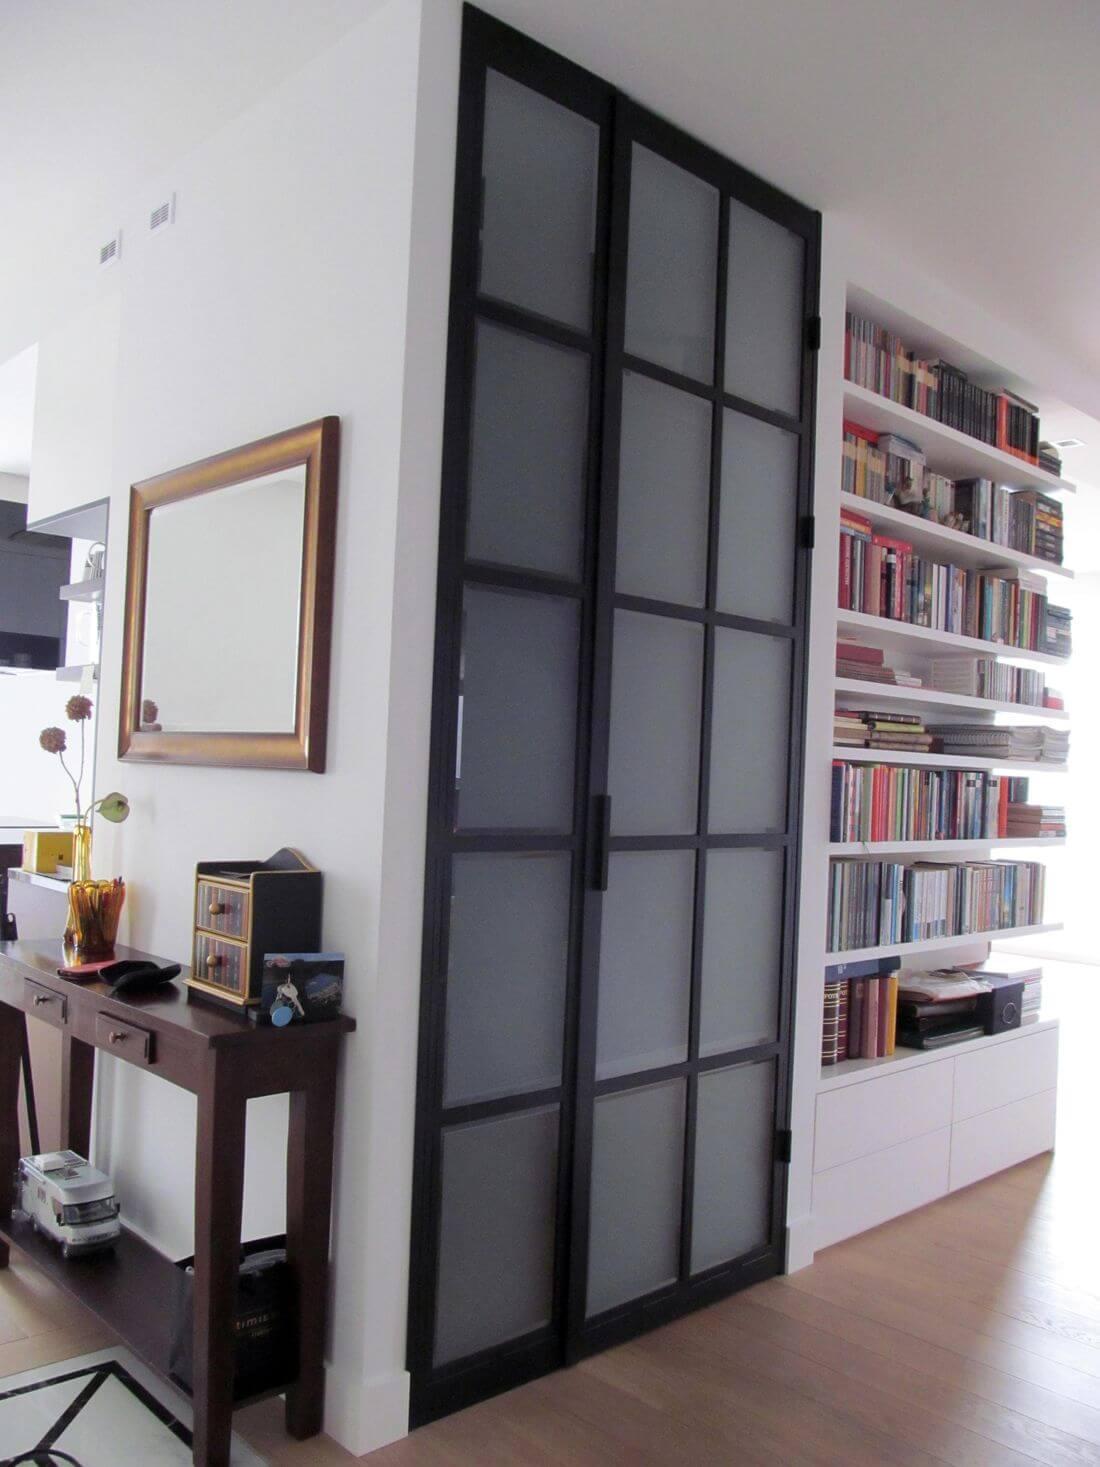 Drzwi Loftowe do Garderoby lub Szafy na wysokość całego pomieszczenia – zamknięte